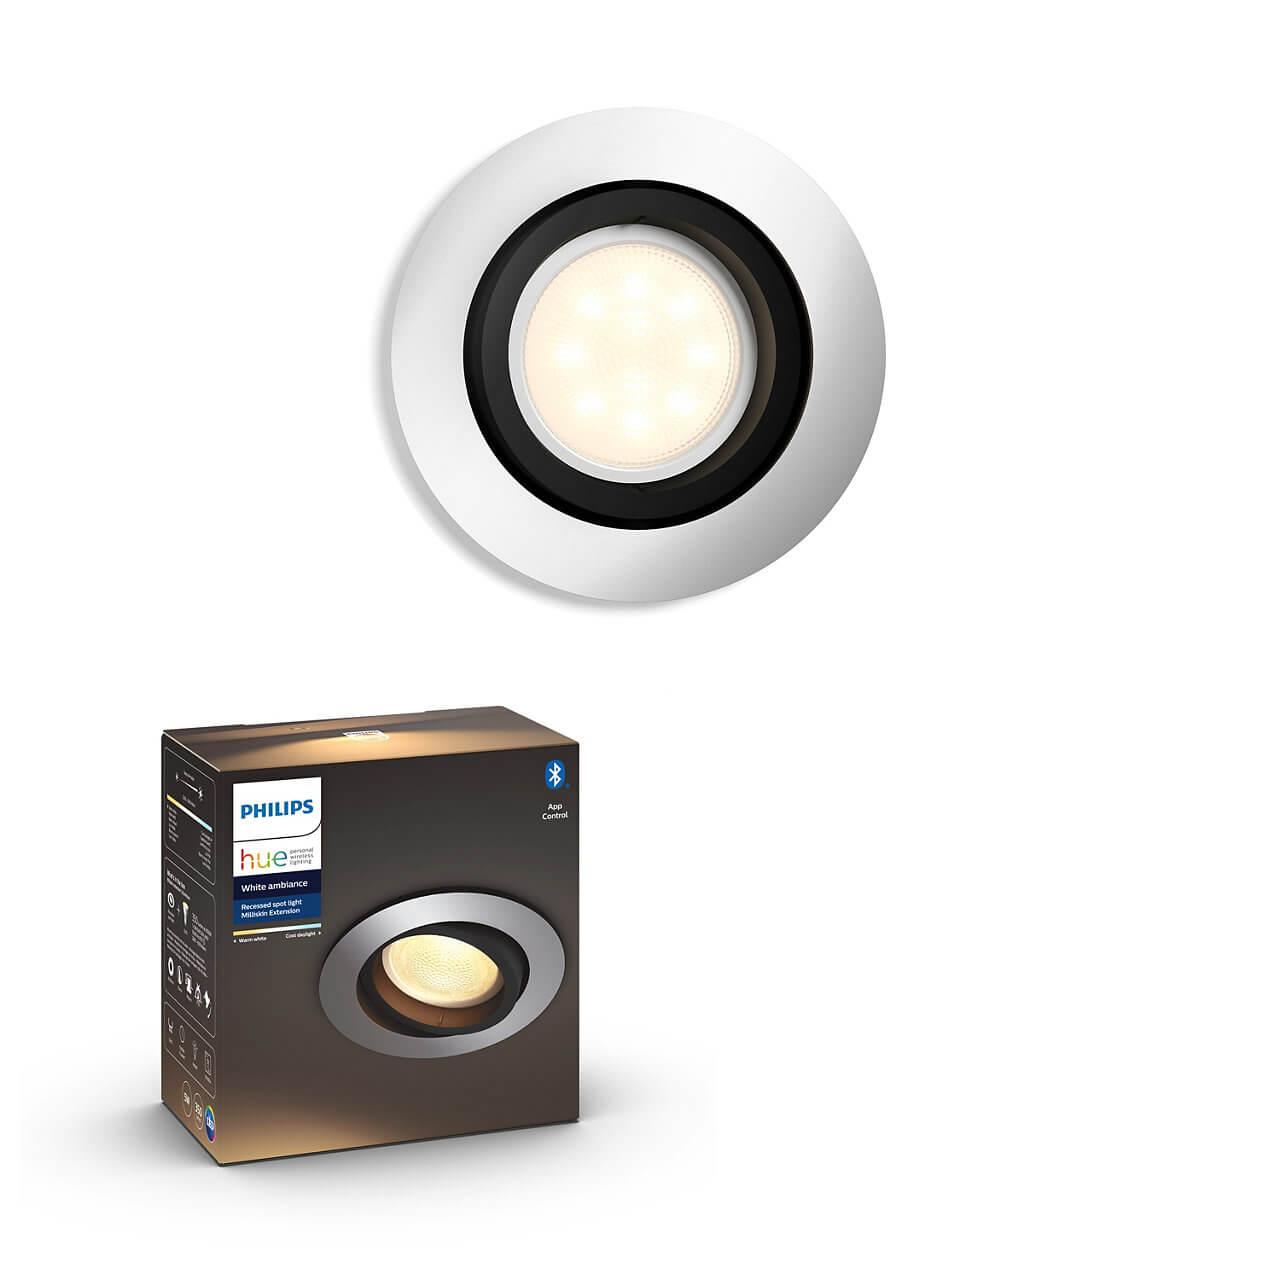 Philips Hue Einbauspot Milliskin rund White Ambience dimmbar Bluetooth ZigBee Deckenlampe Aluminium